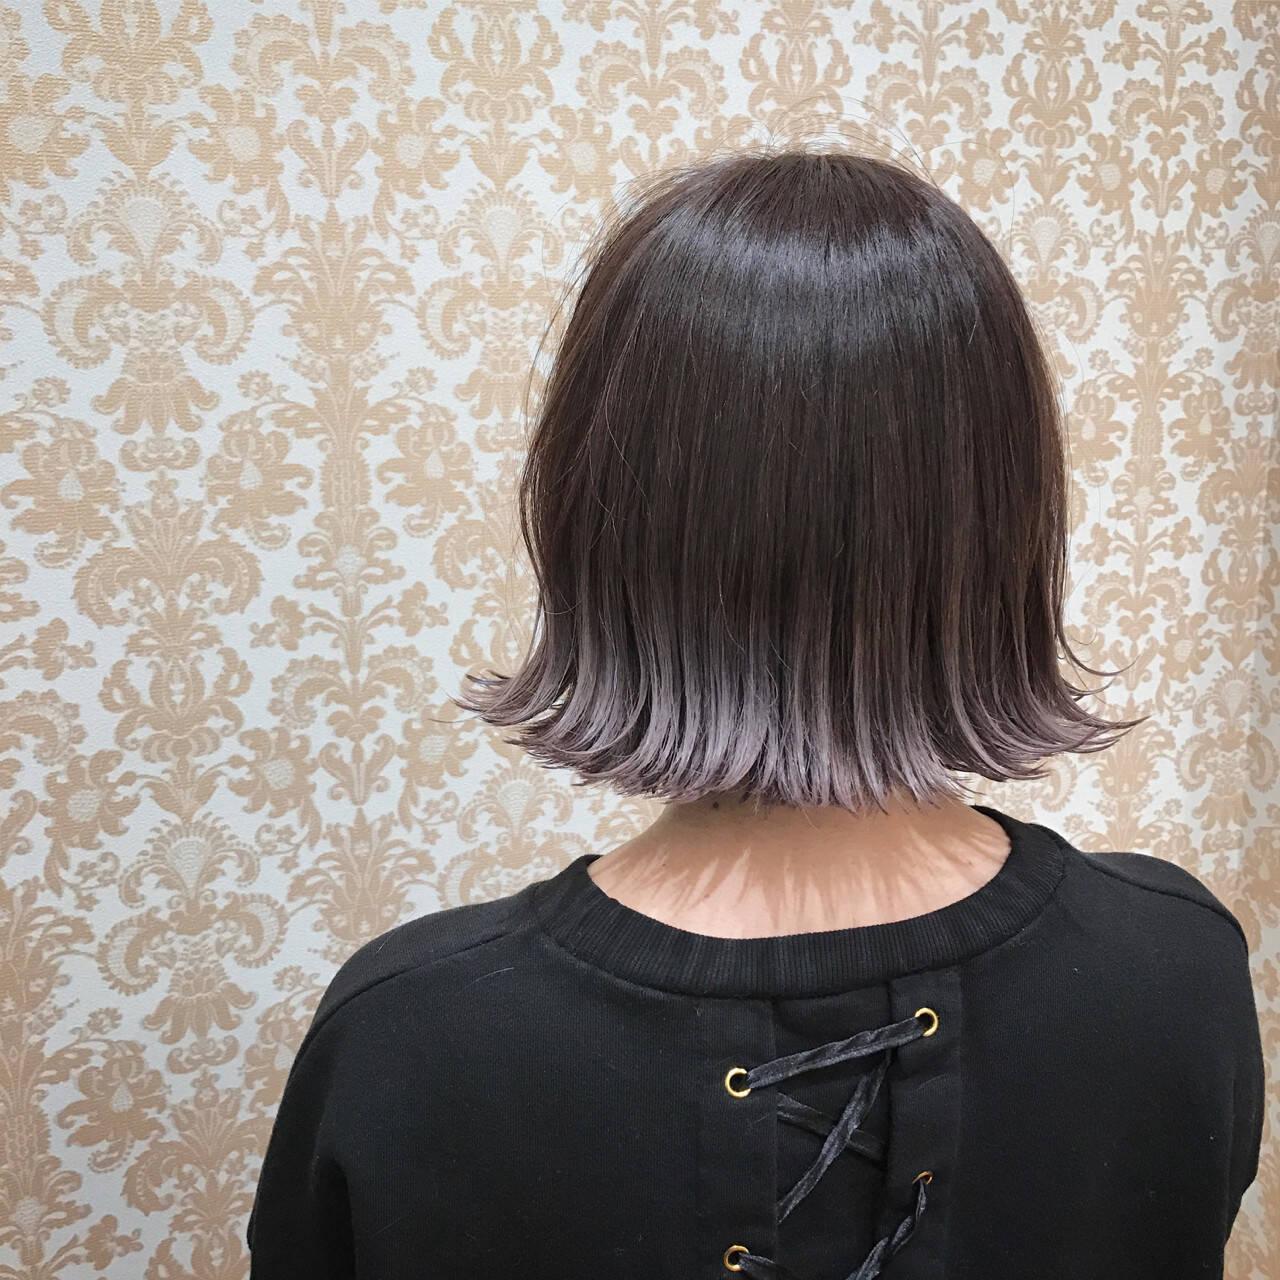 ラベンダーアッシュ ボブ 外国人風 ニュアンスヘアスタイルや髪型の写真・画像